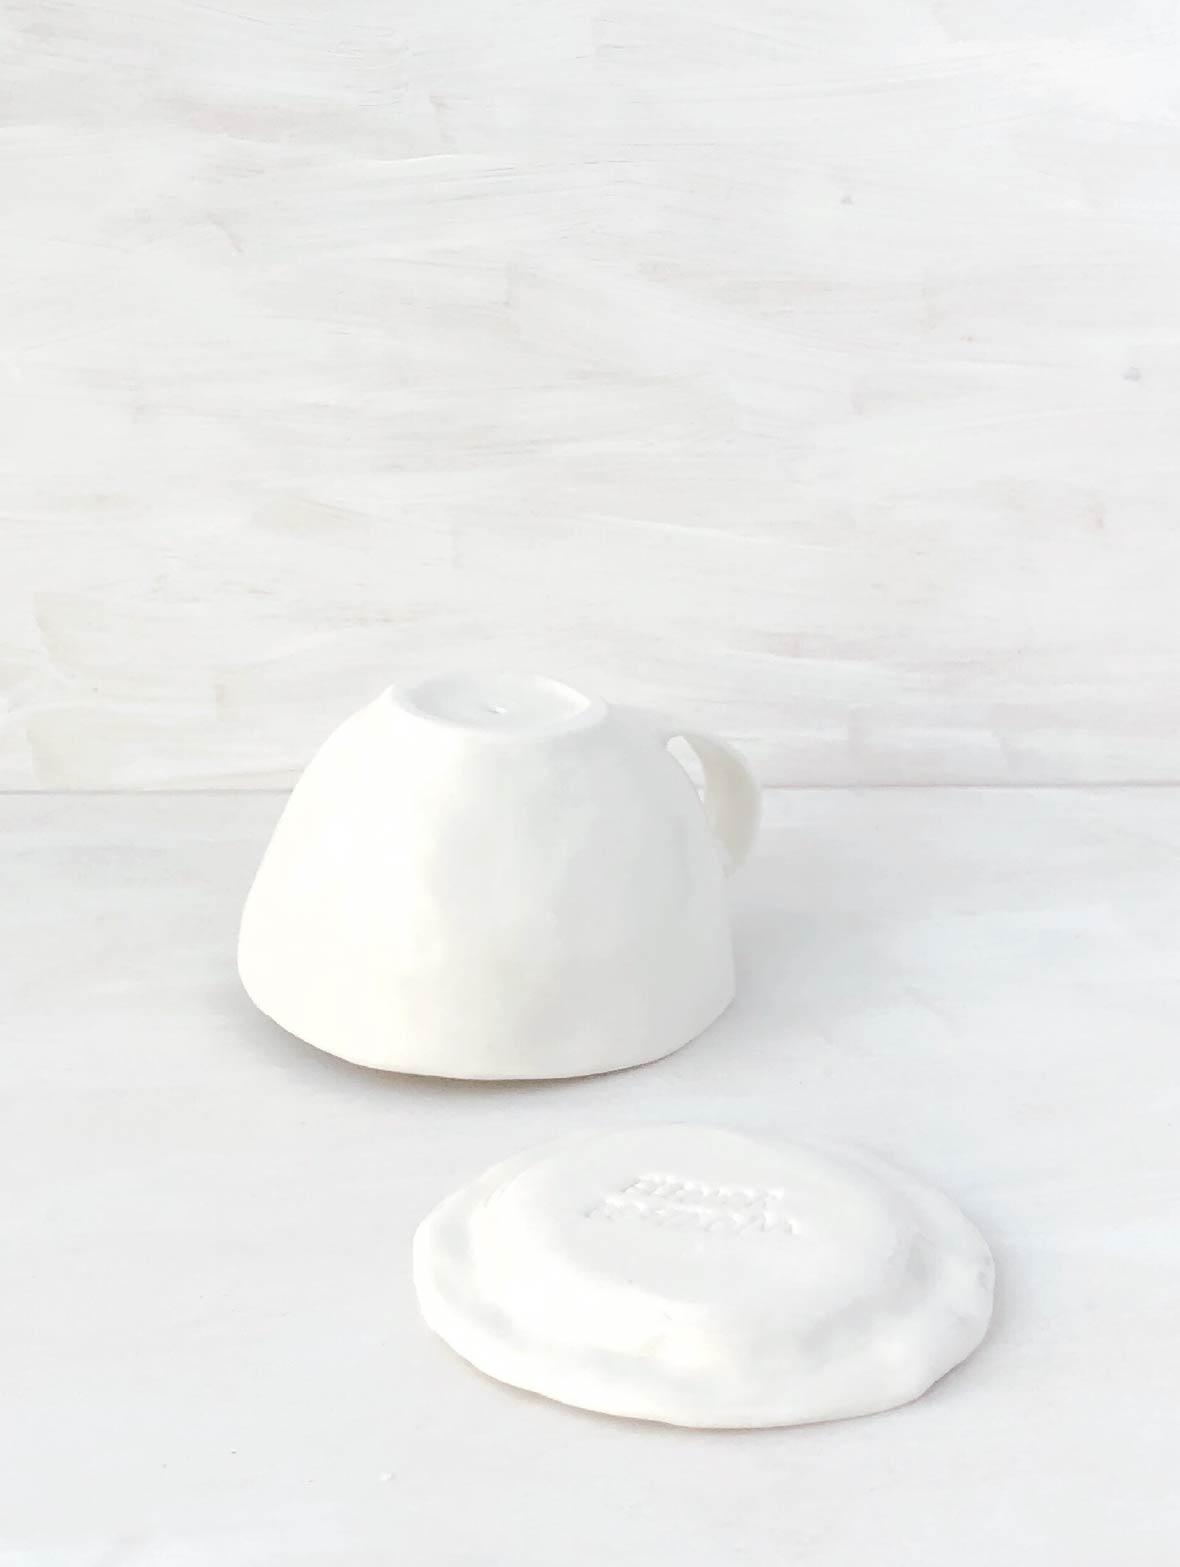 【TK】しあわせのコーヒーカップ(黒みみ・すやすや)